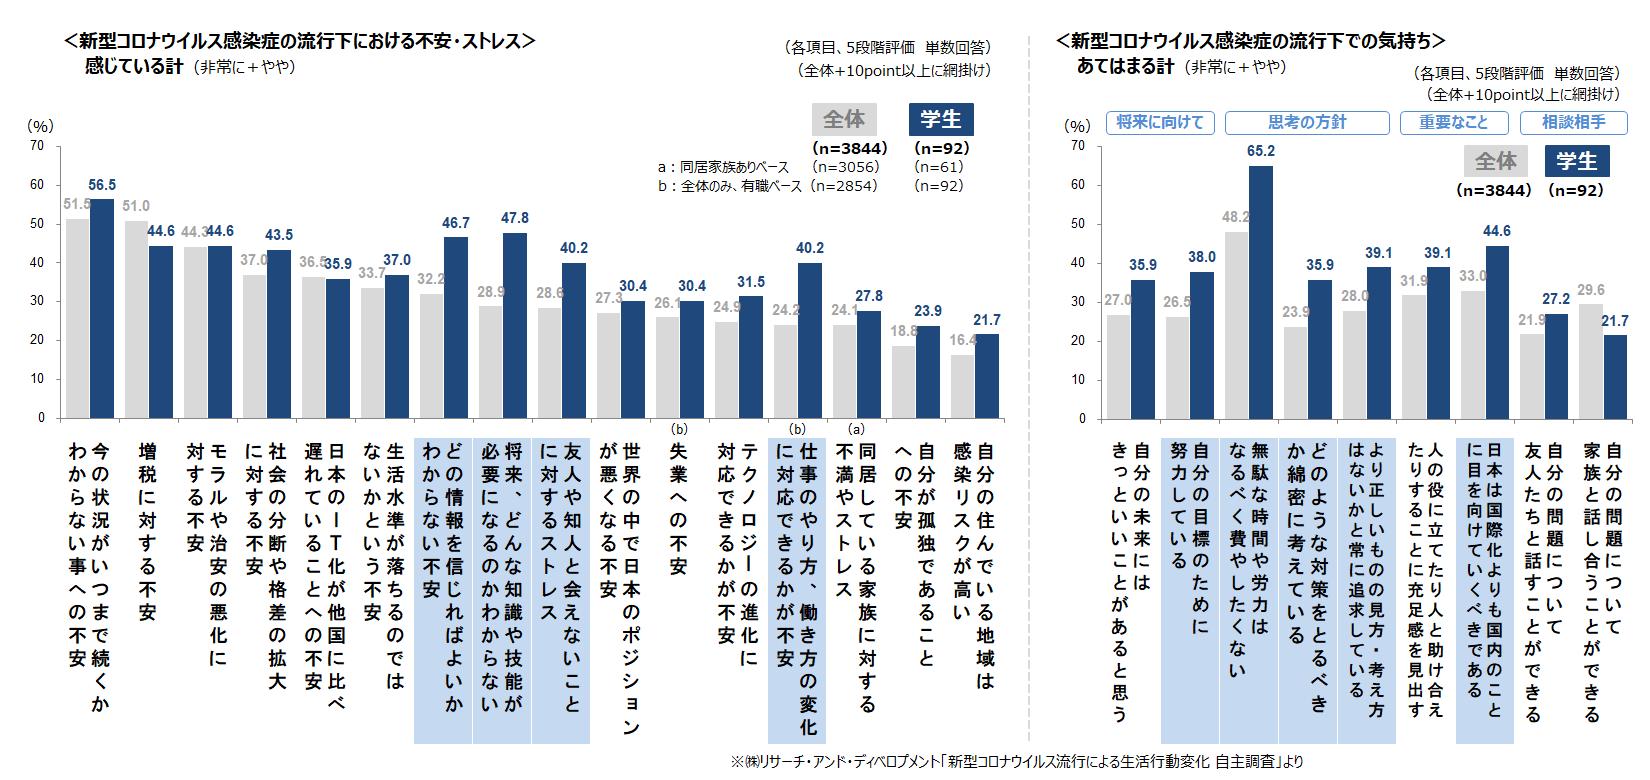 (図3)新型コロナウイルス感染症の流行下における不安・ストレスと気持ち(全体vs学生)